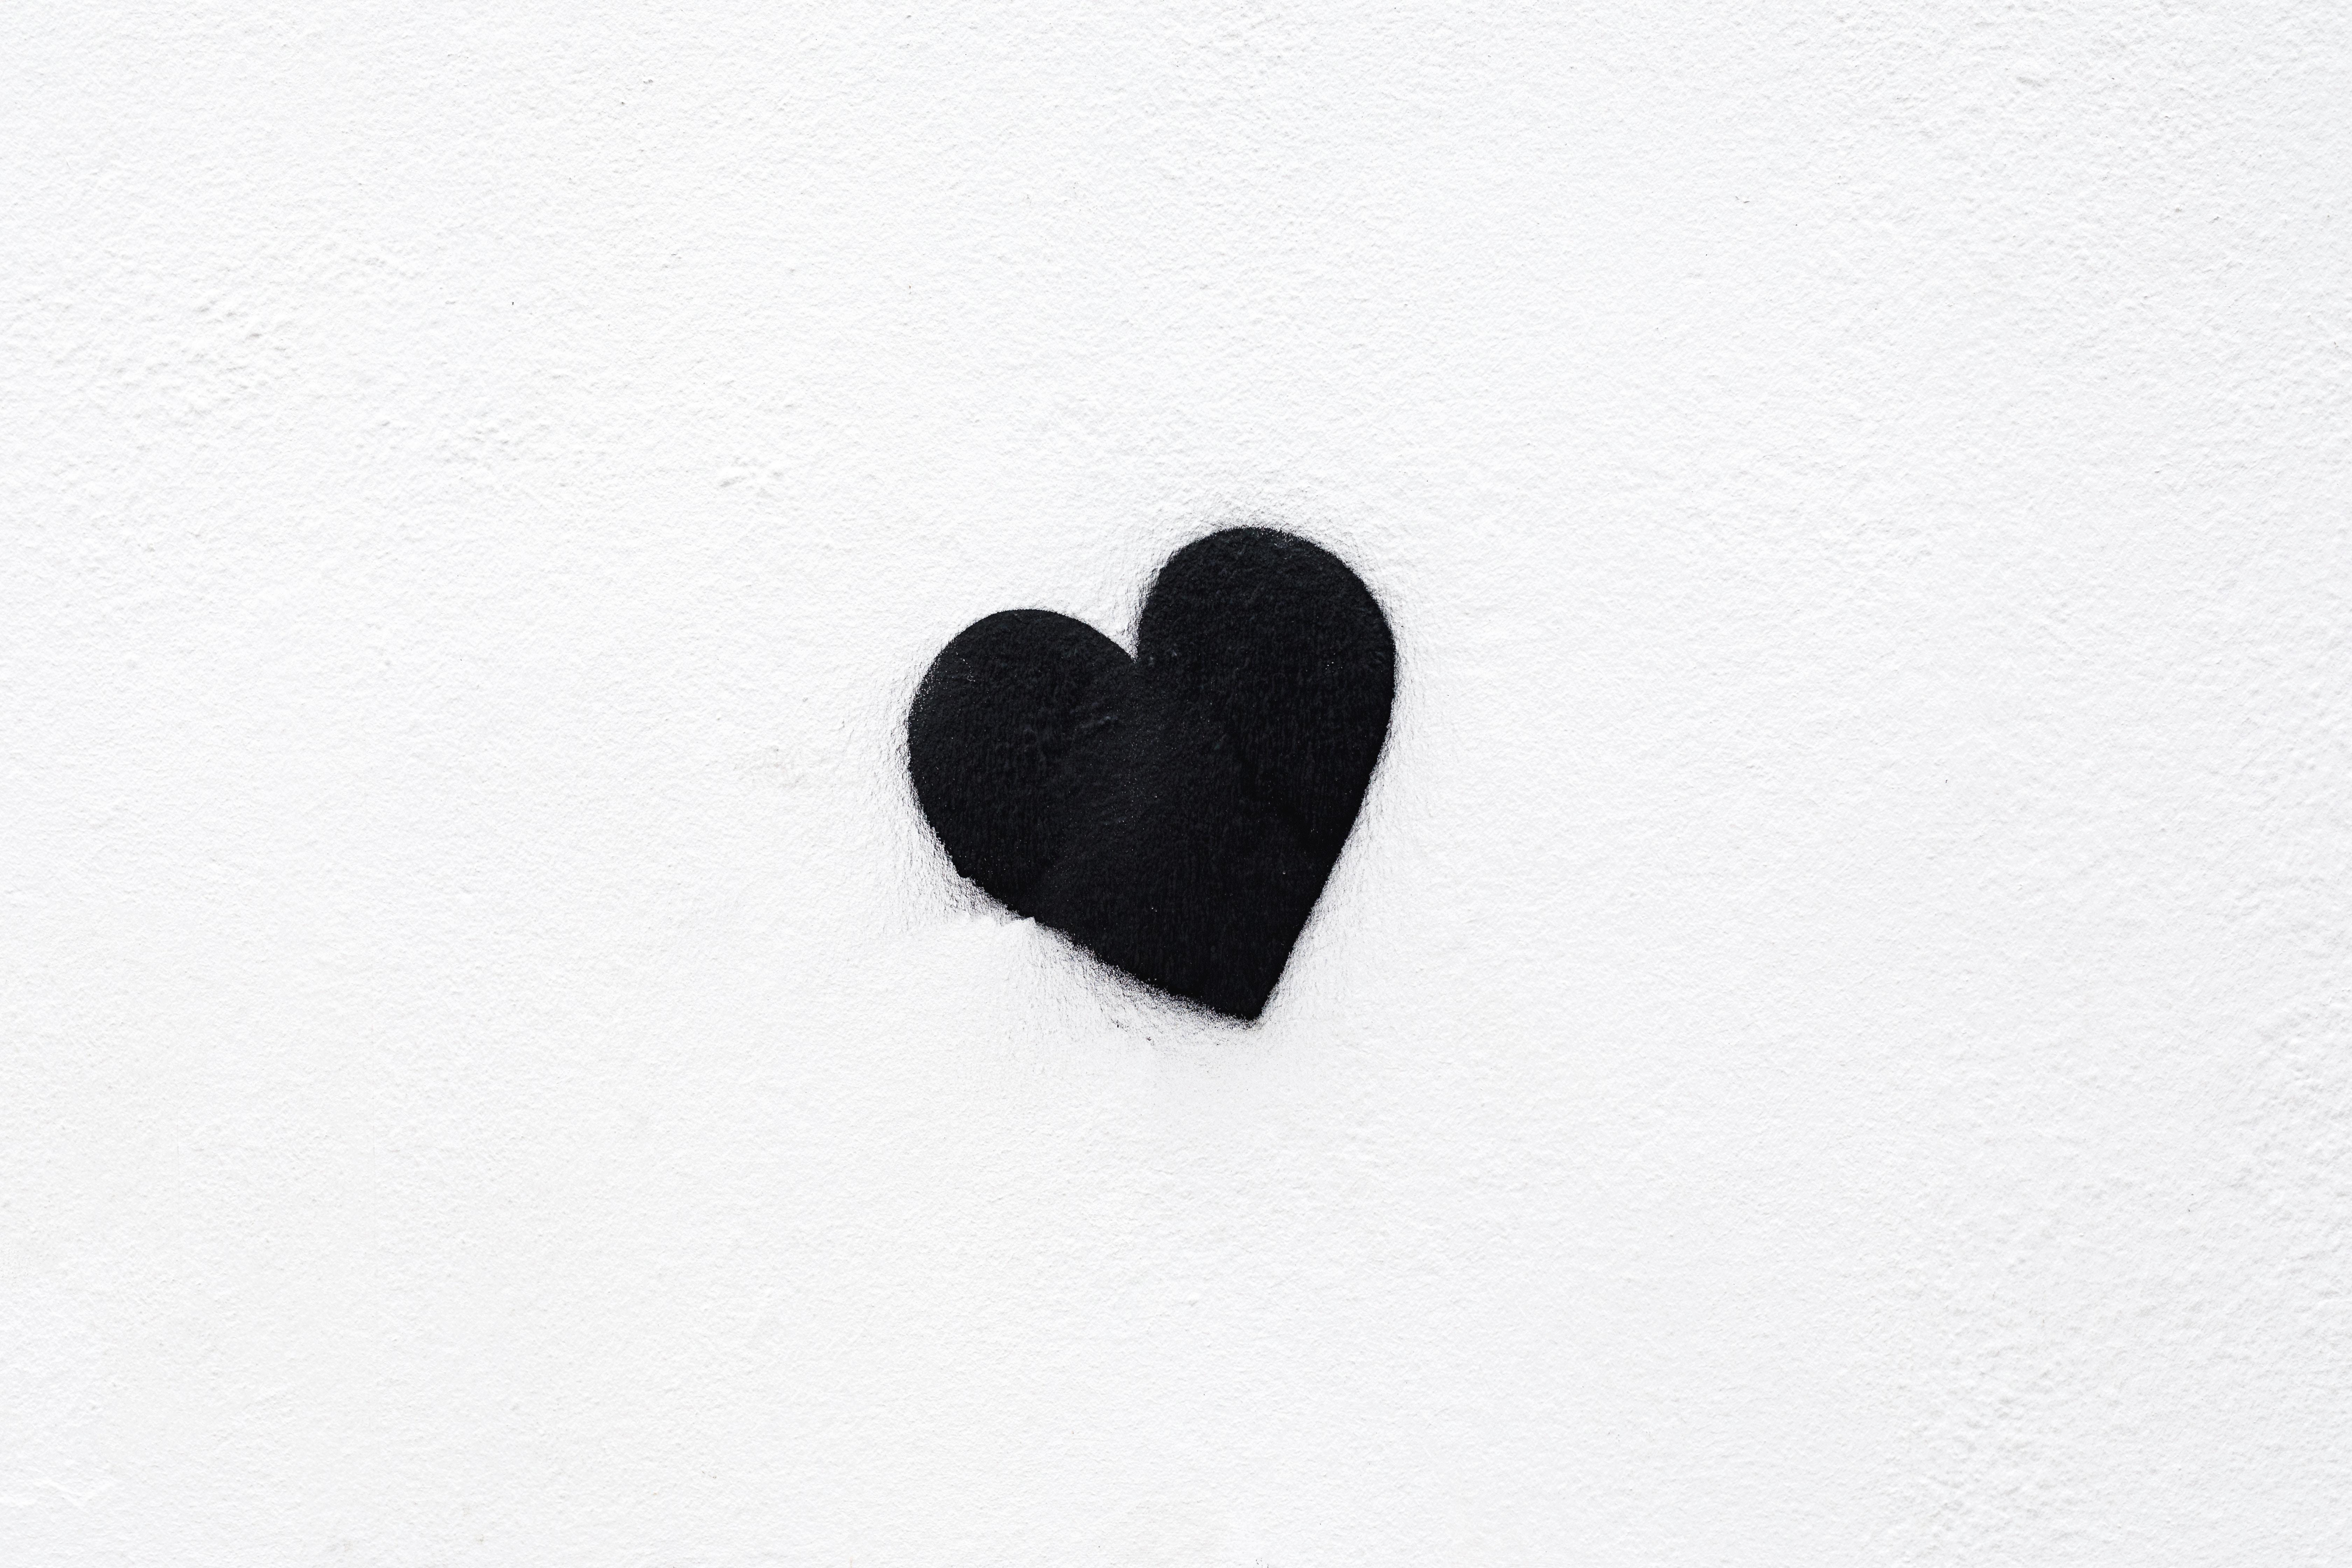 прикольные поздравления картинки с сердечком минимализм при вдумчивой